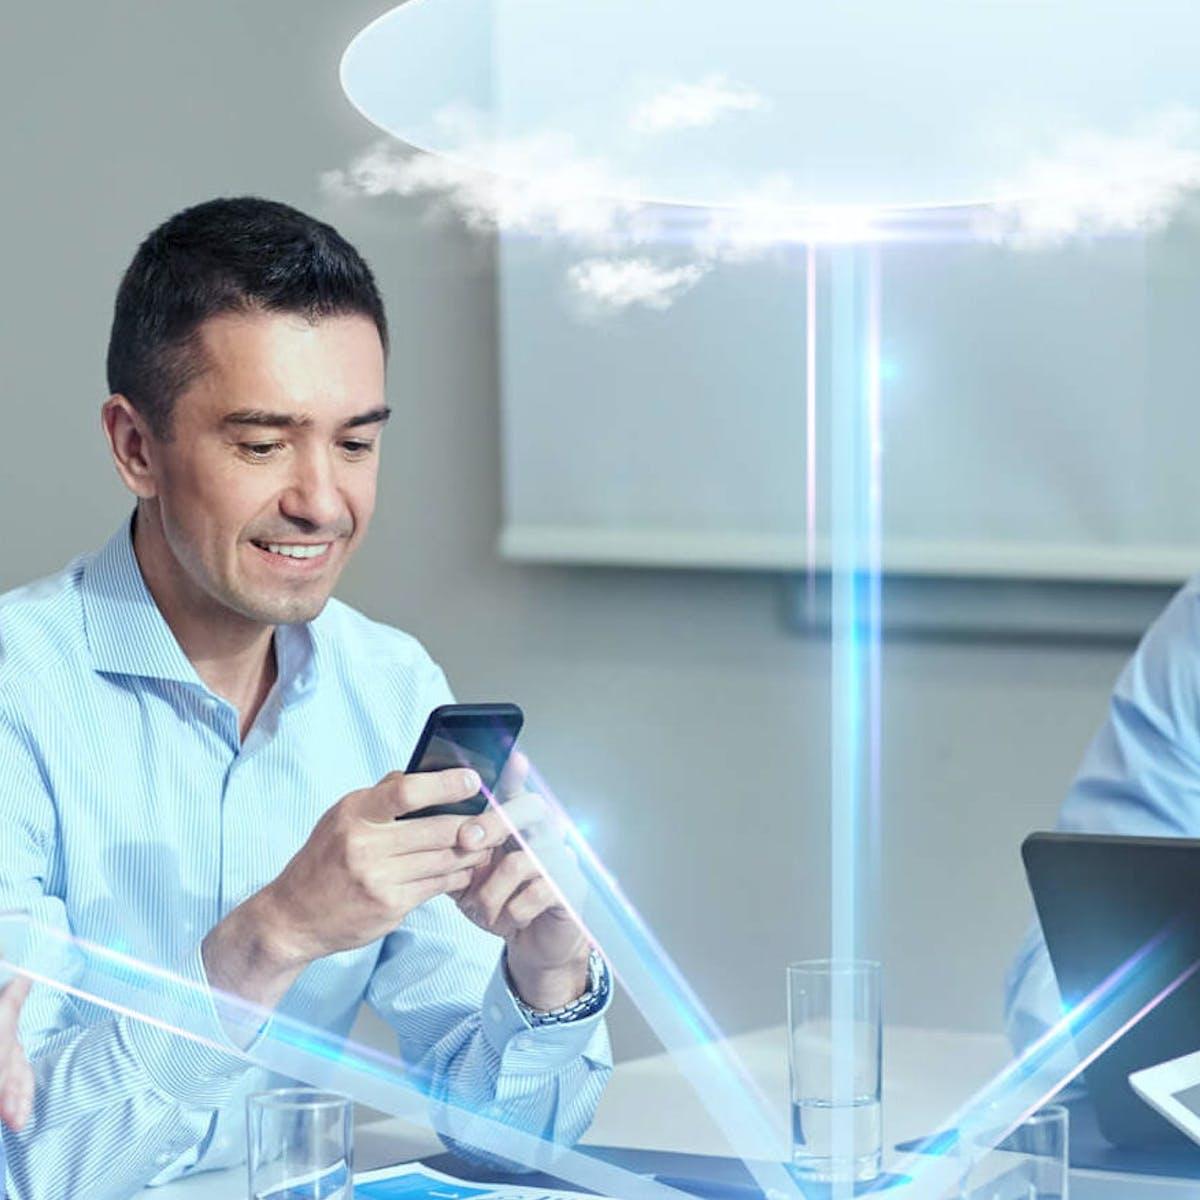 Titelbild-Mitarbeiter-Büro-Cloud-Smartphone-iStock-478450750